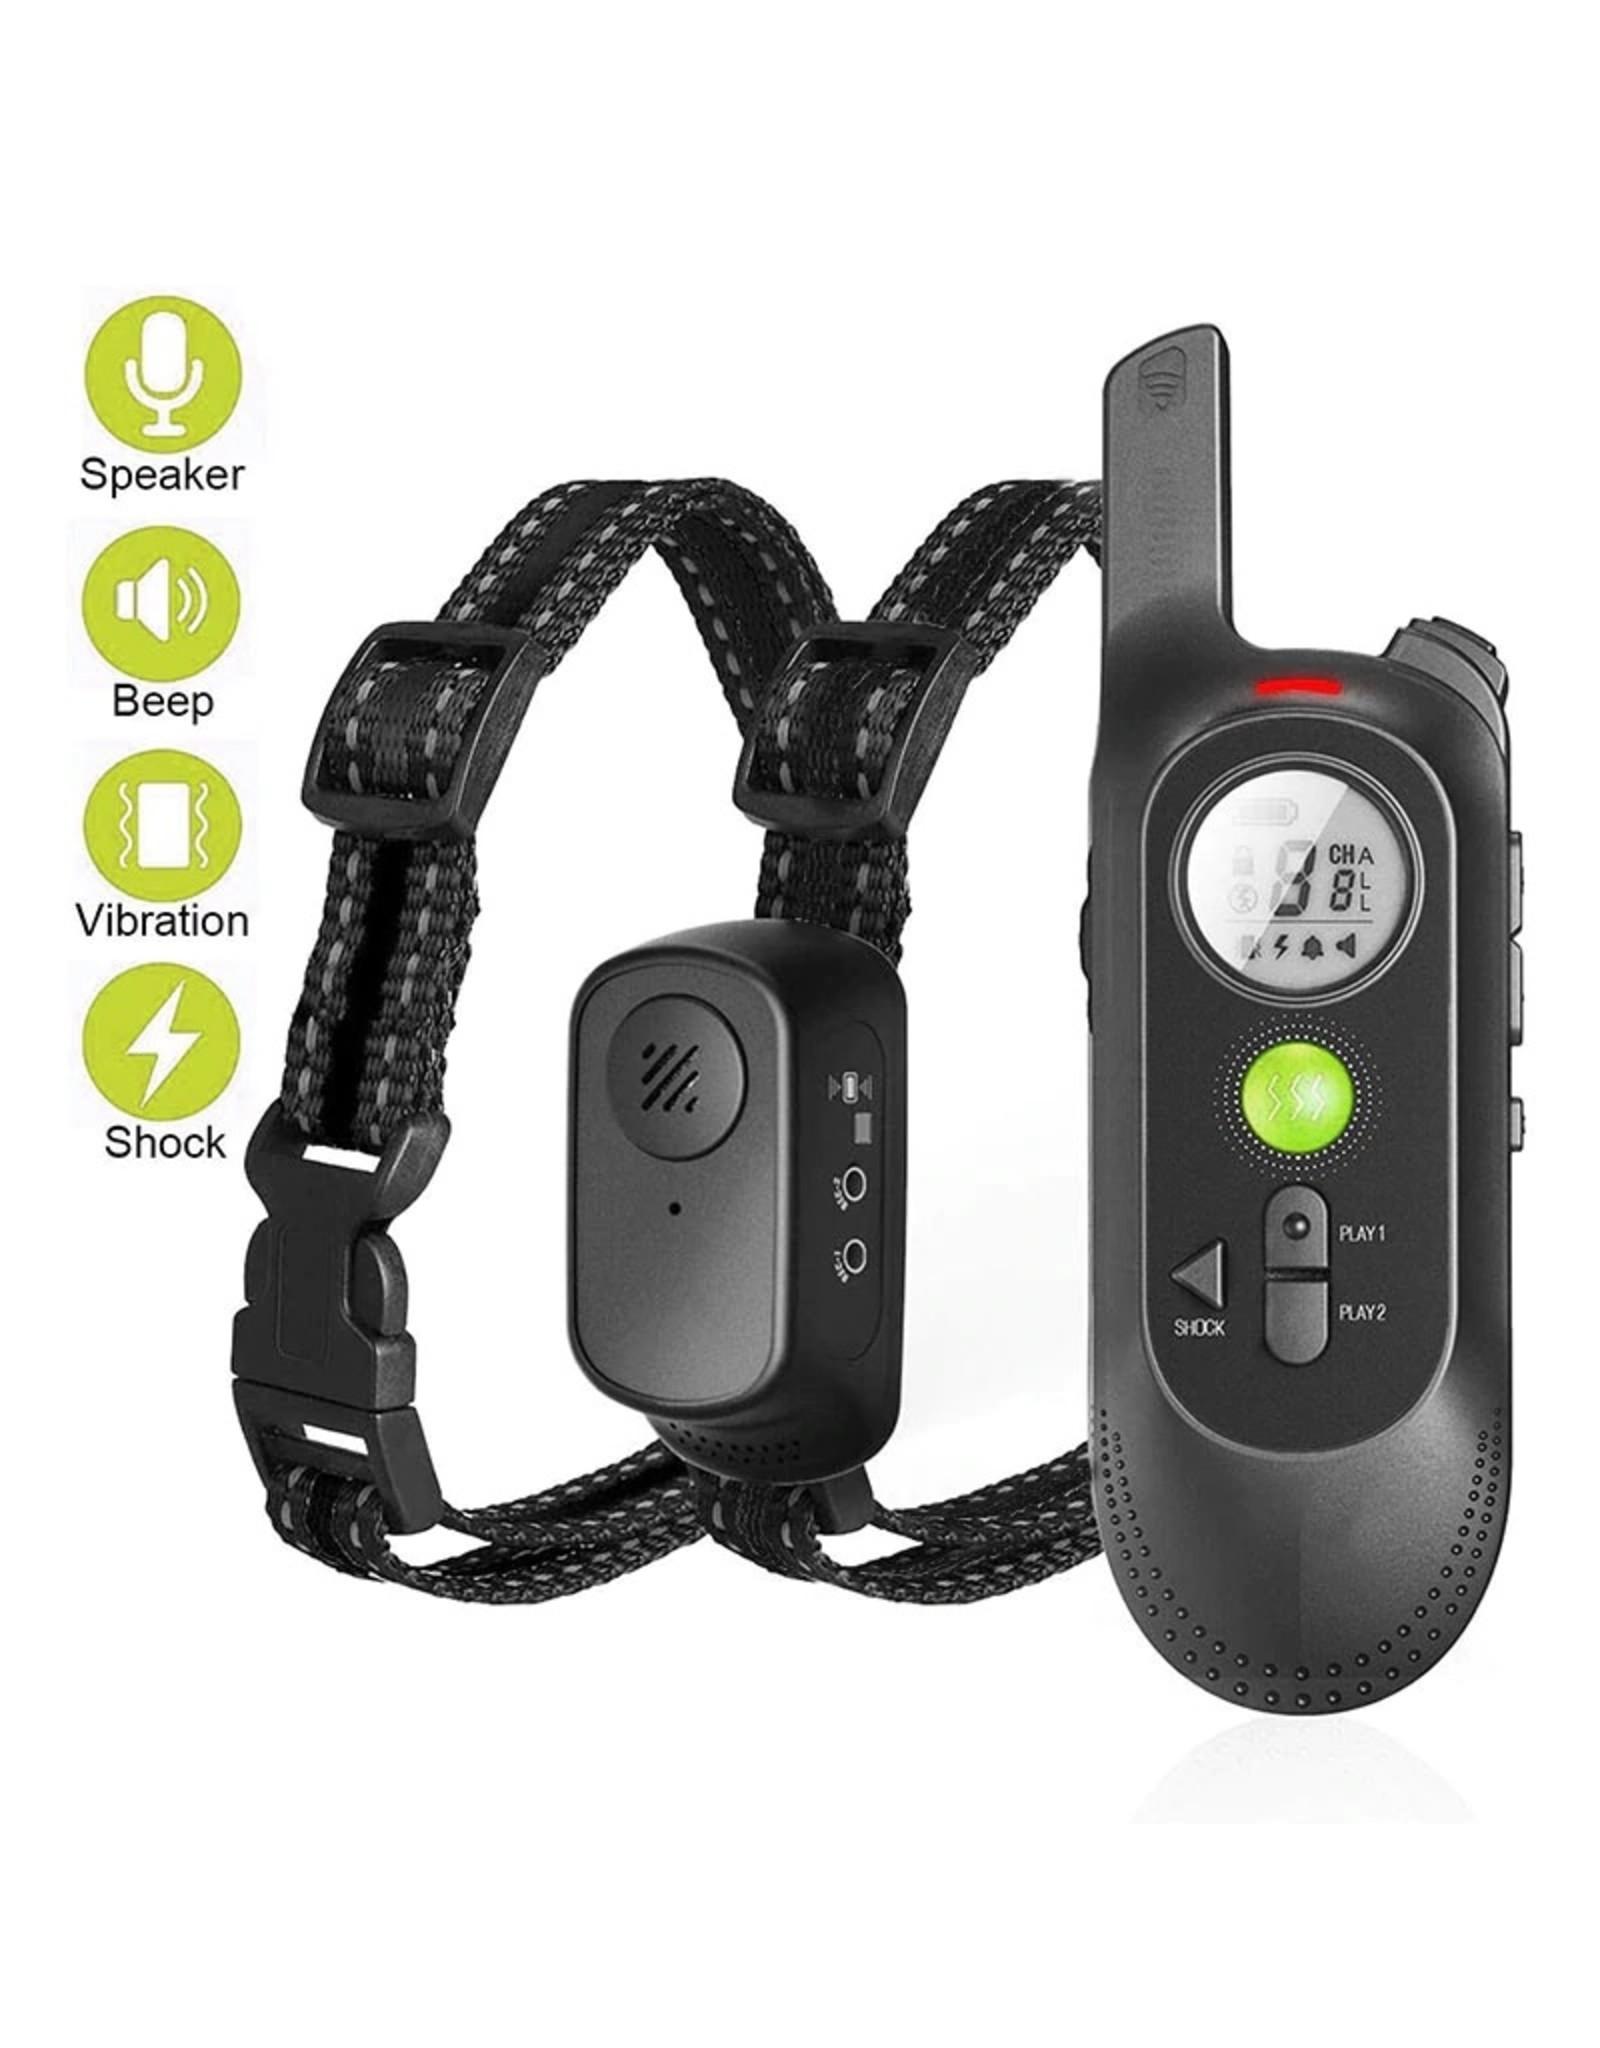 Merkloos Trainingshalsband voor honden met spraakopdracht, zoemer, vibratie- en vibratiemodus, oplaadbare waterdichte schokabsorberende halsband voor honden, met afstandsbediening van 300meter bereik